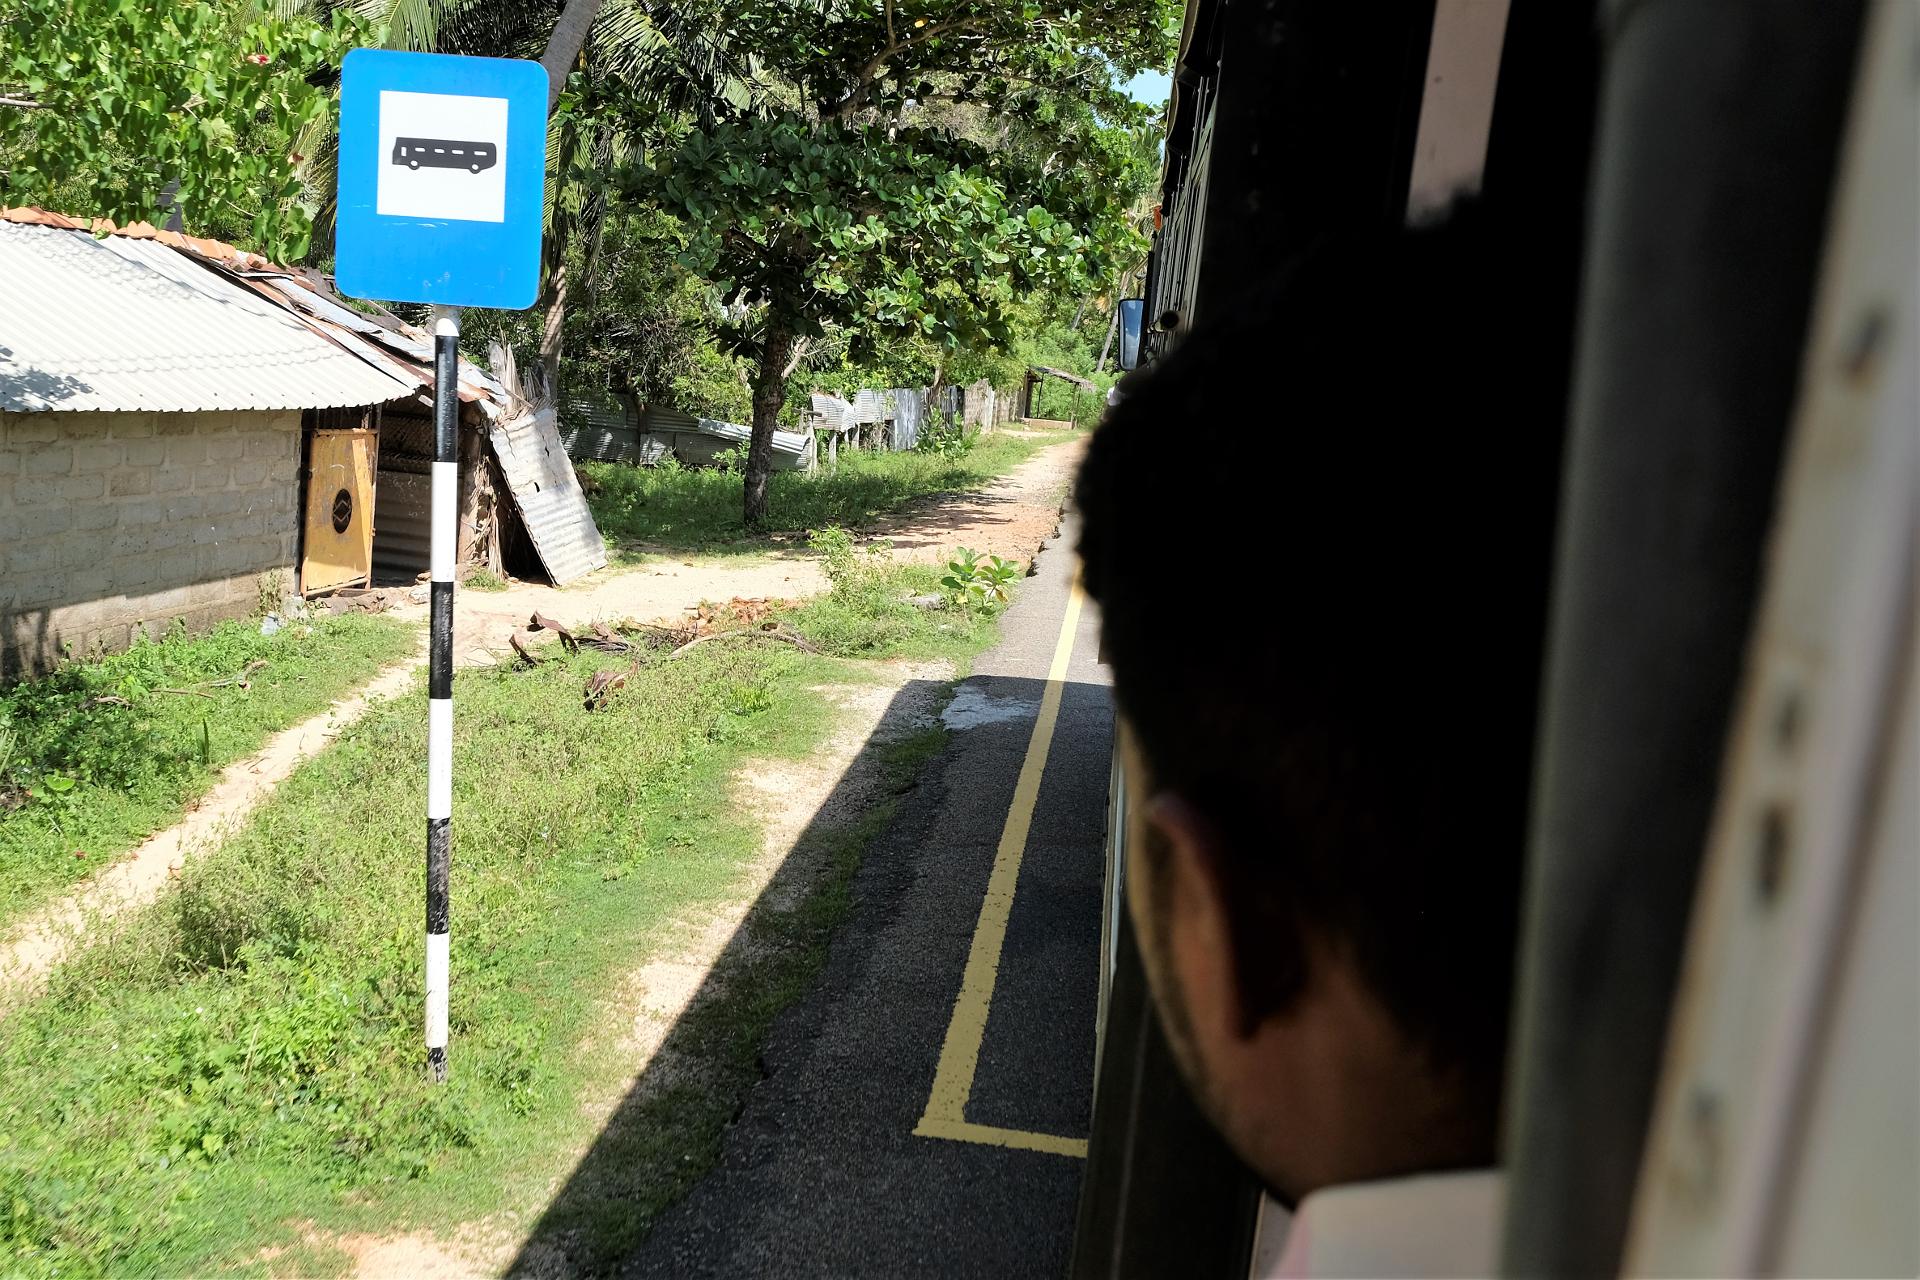 Busshållplats, handmålad skylt. Foto: Johan Mikaelsson